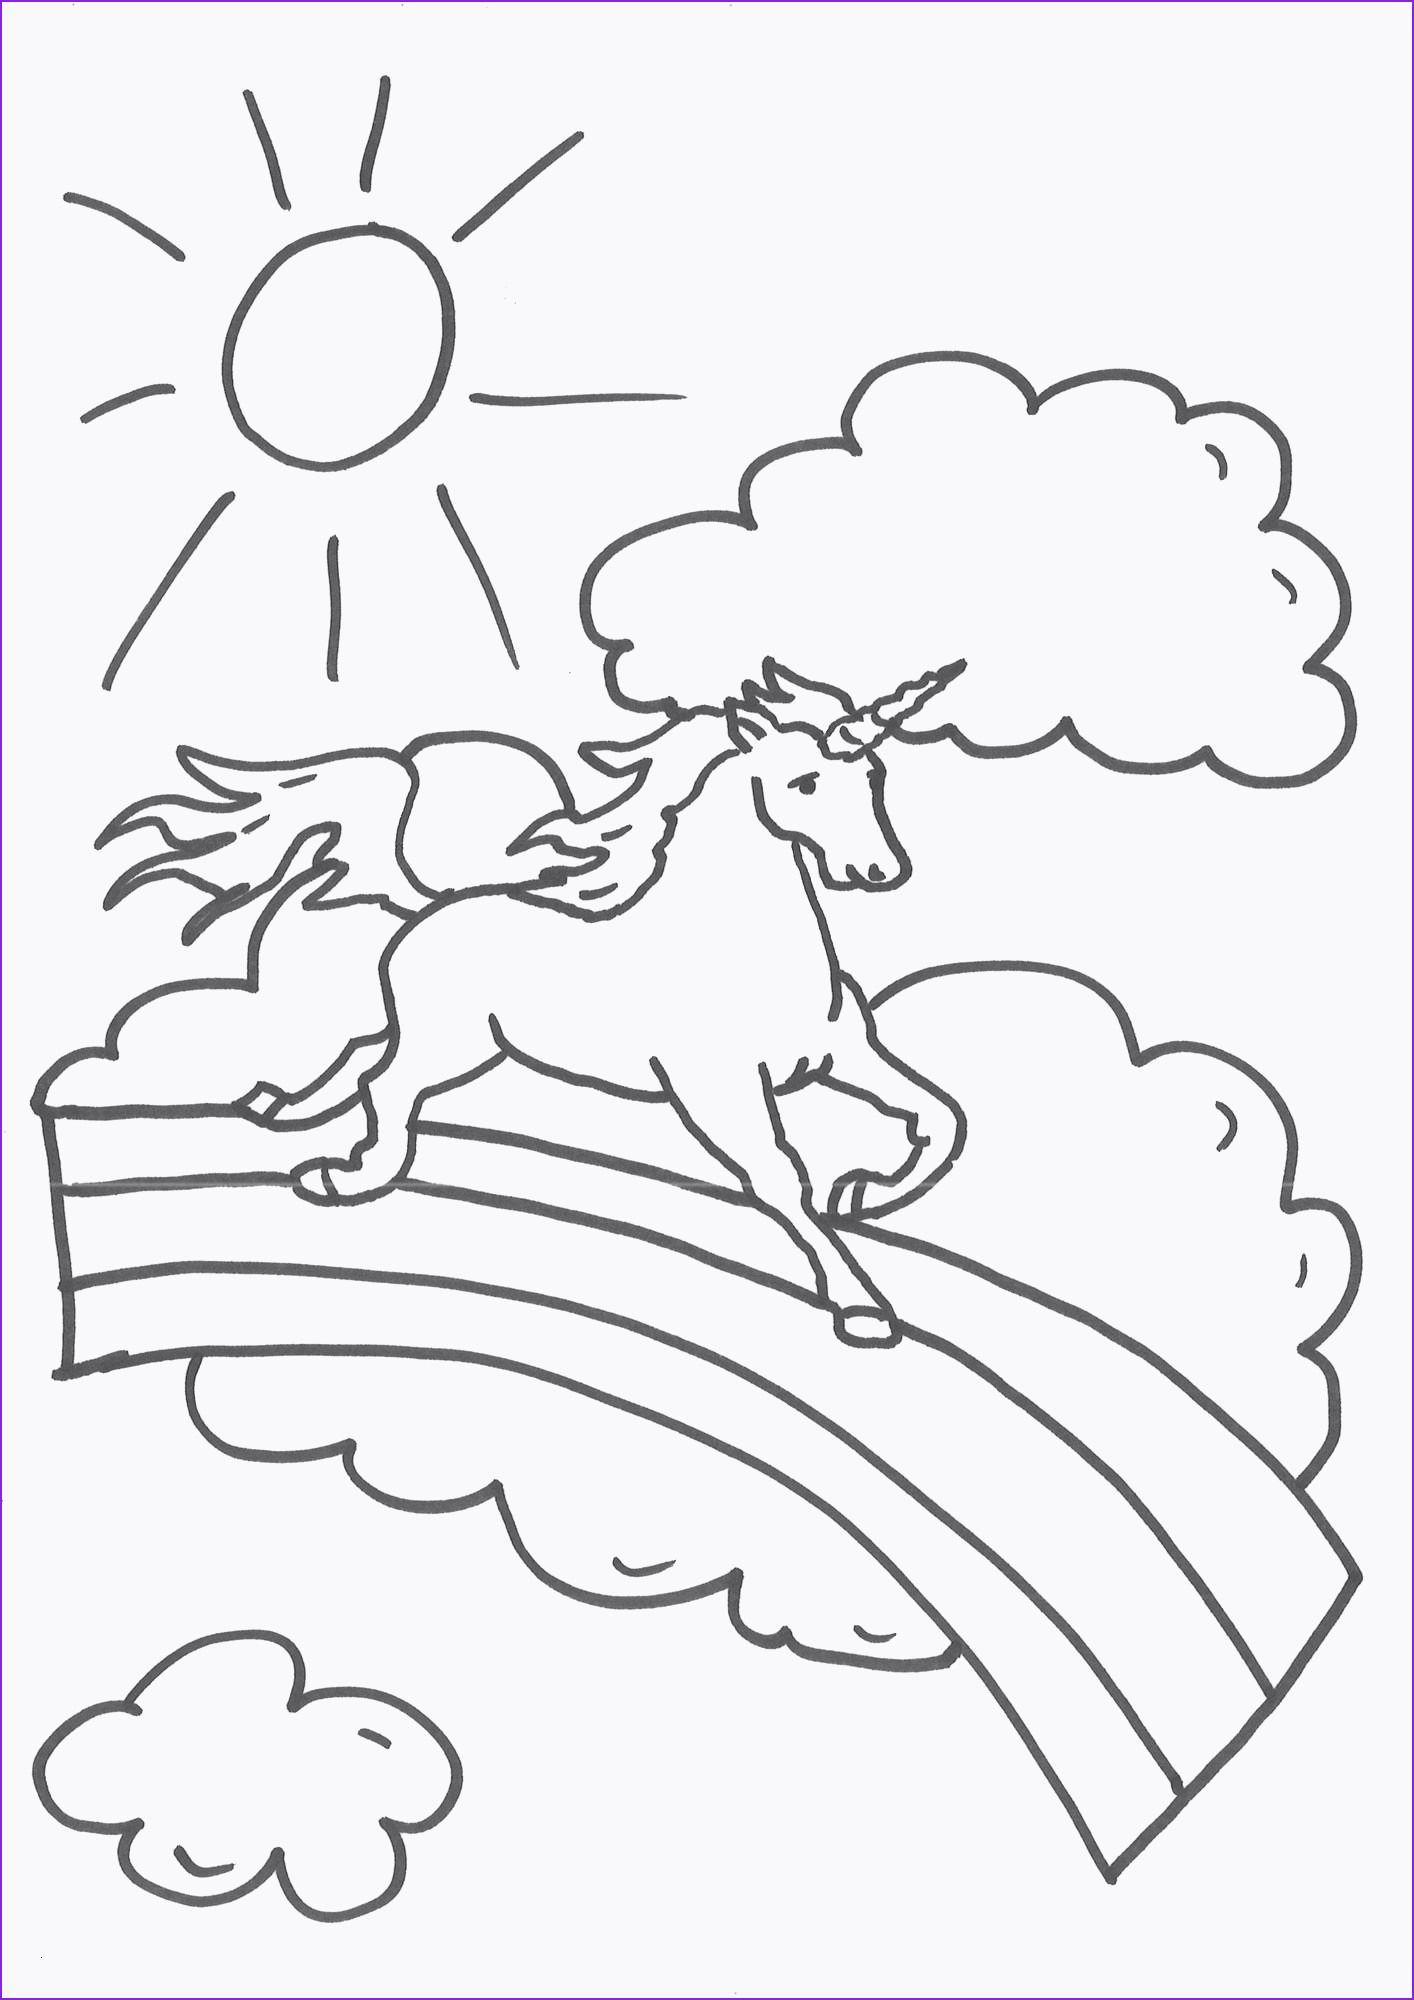 Ausmalbilder Einhorn Pummel Regenbogen Regenbogen Pummel Unicorn Einhorn Ausmalbilder Ausmalbilder Zum Ausdrucken Malvorlagen